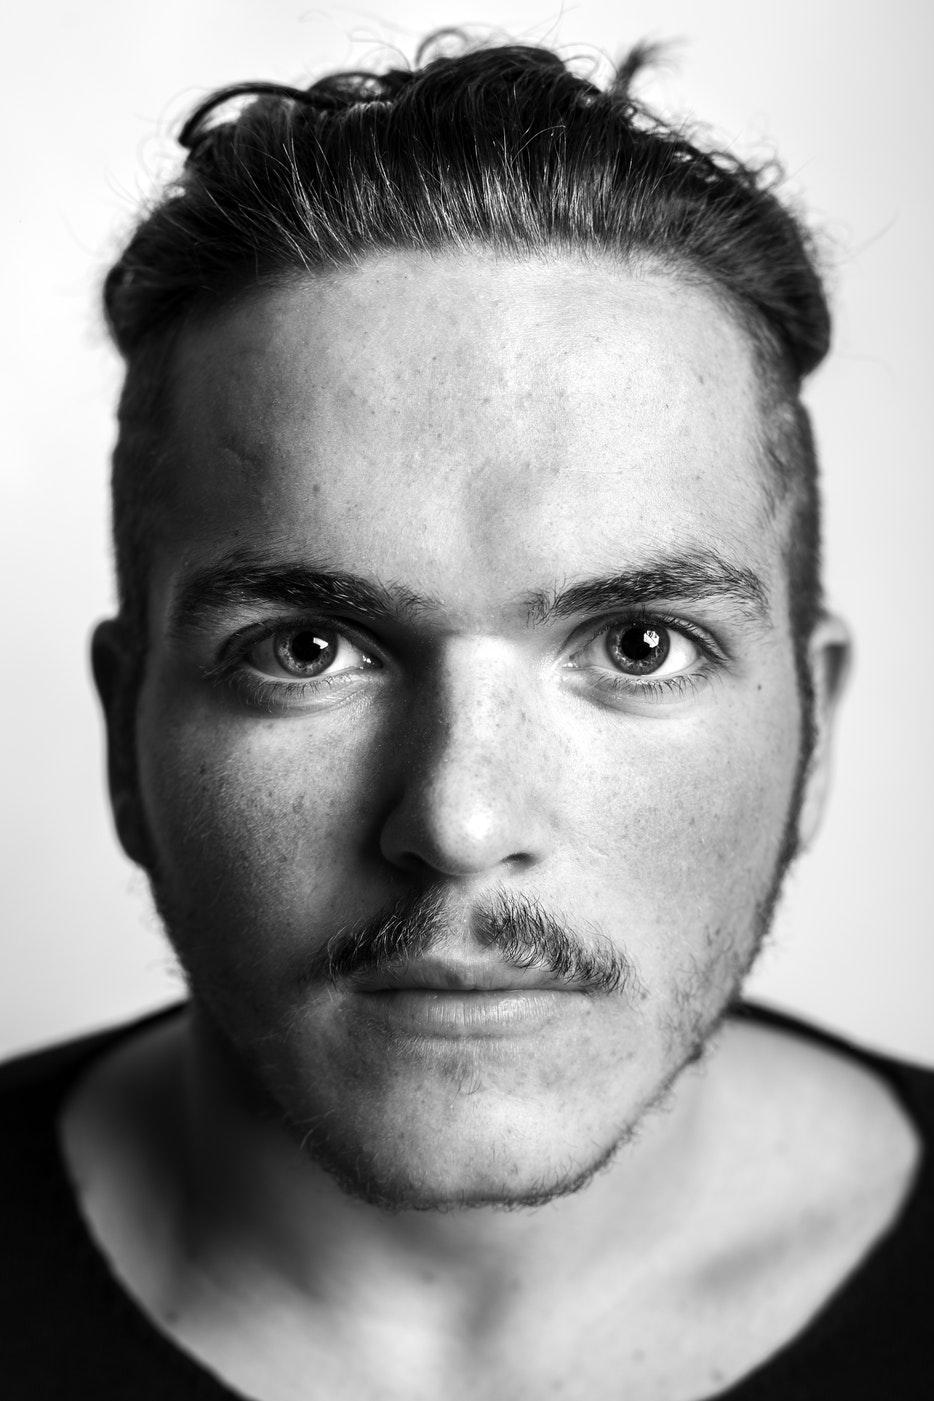 Portrætfotograf - Find professionelle danske portrætfotografer